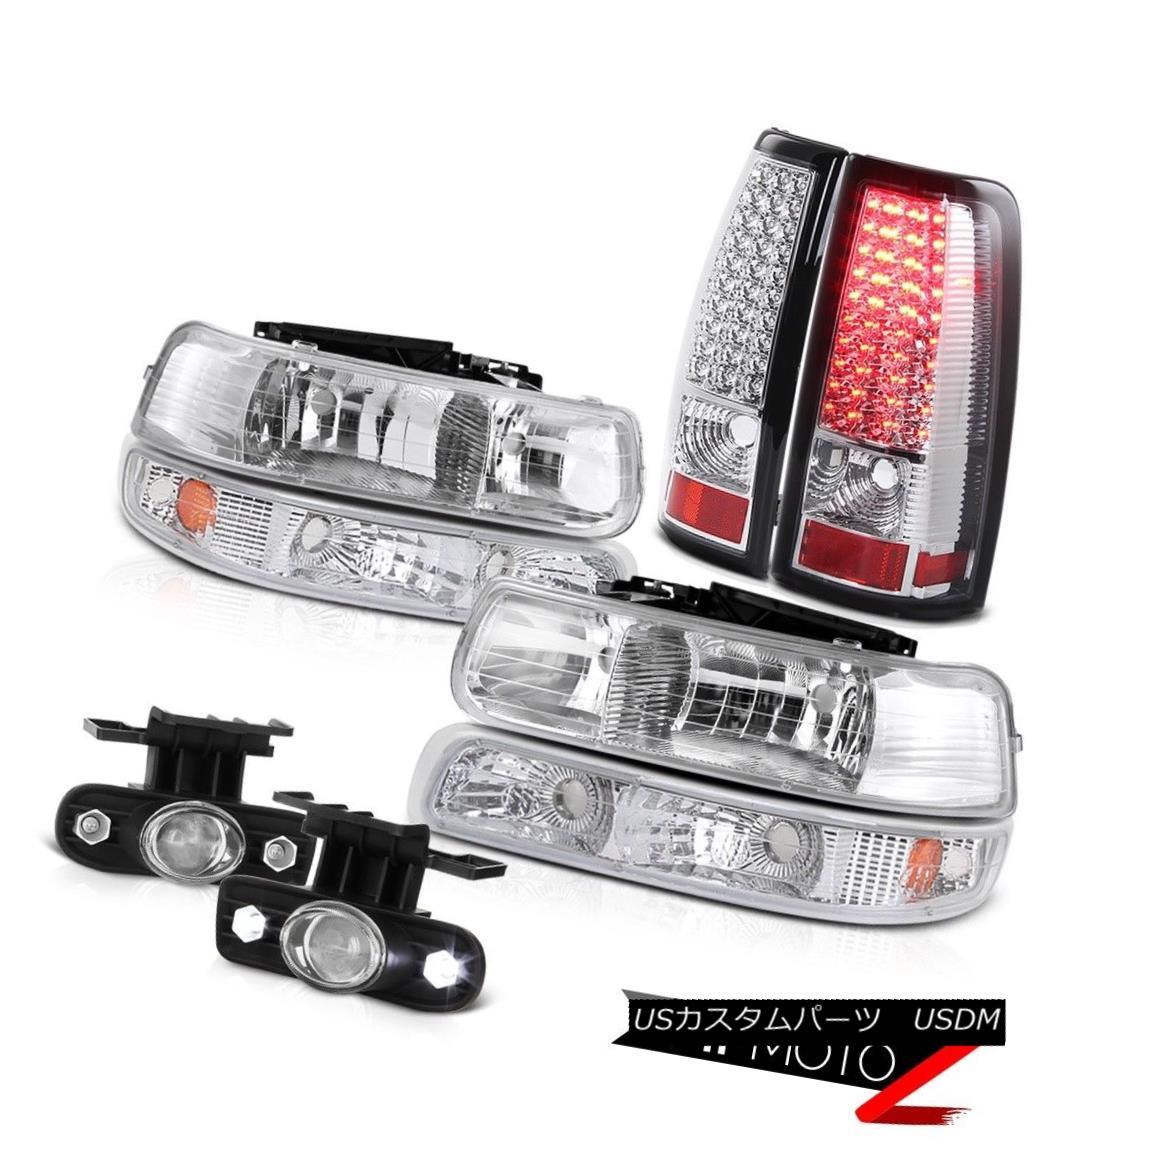 ヘッドライト 99 00 01 02 Silverado V8 5.3L headlamps Black Signal Tail Lamps LED Foglights 99 00 01 02 Silverado V8 5.3Lヘッドライトブラック信号テールランプLEDフォグライト